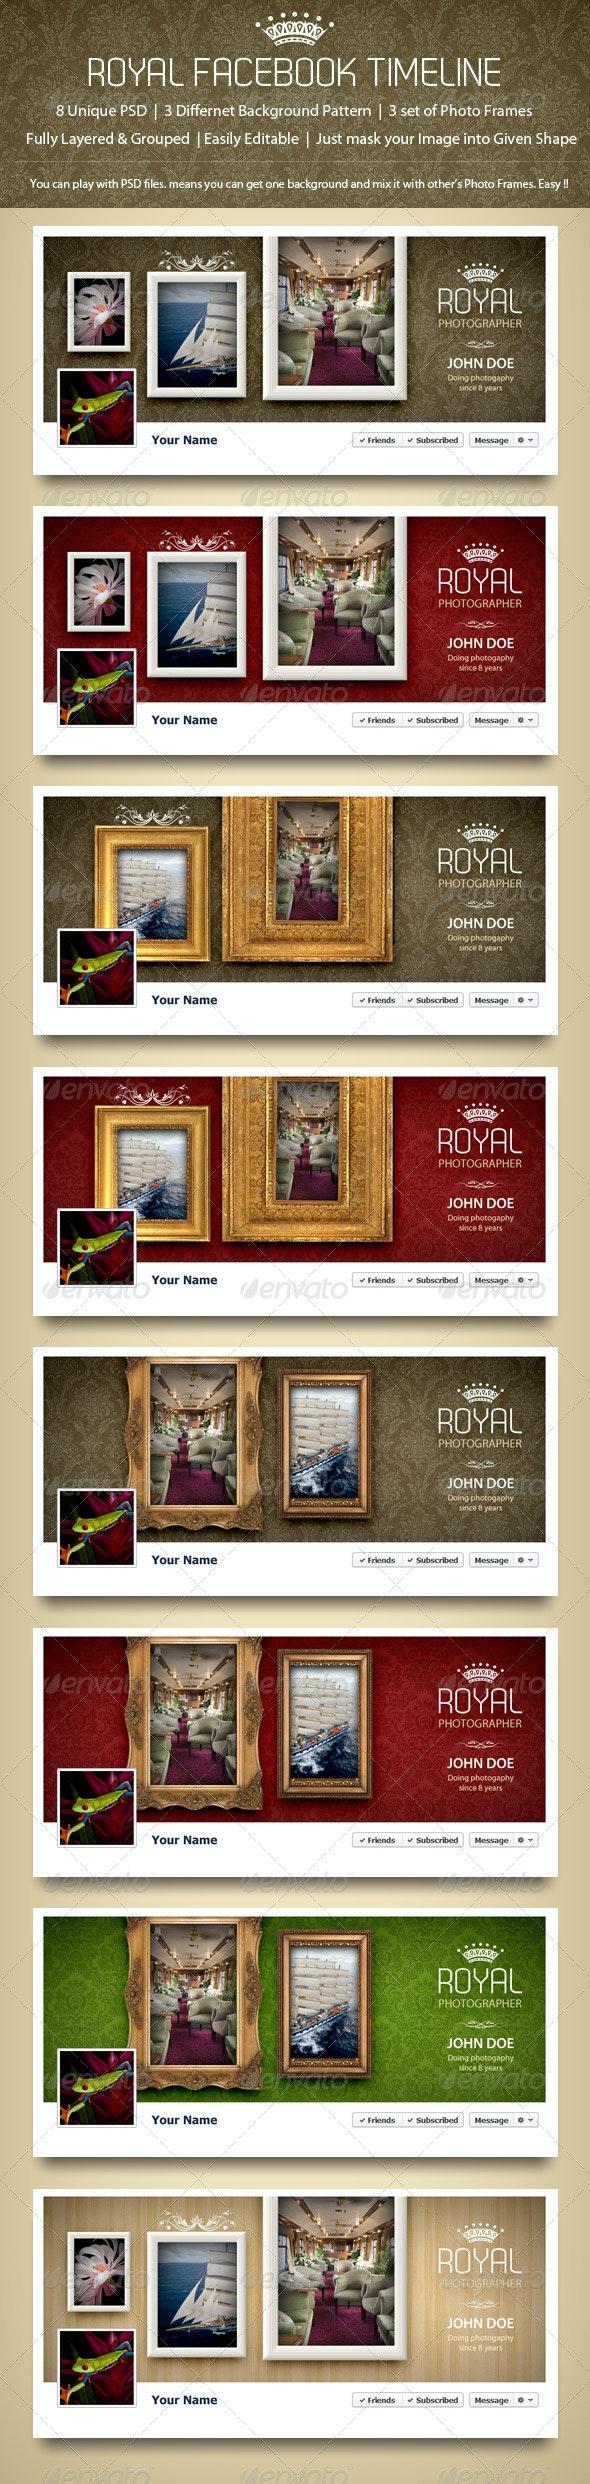 Royal Facebook Timeline